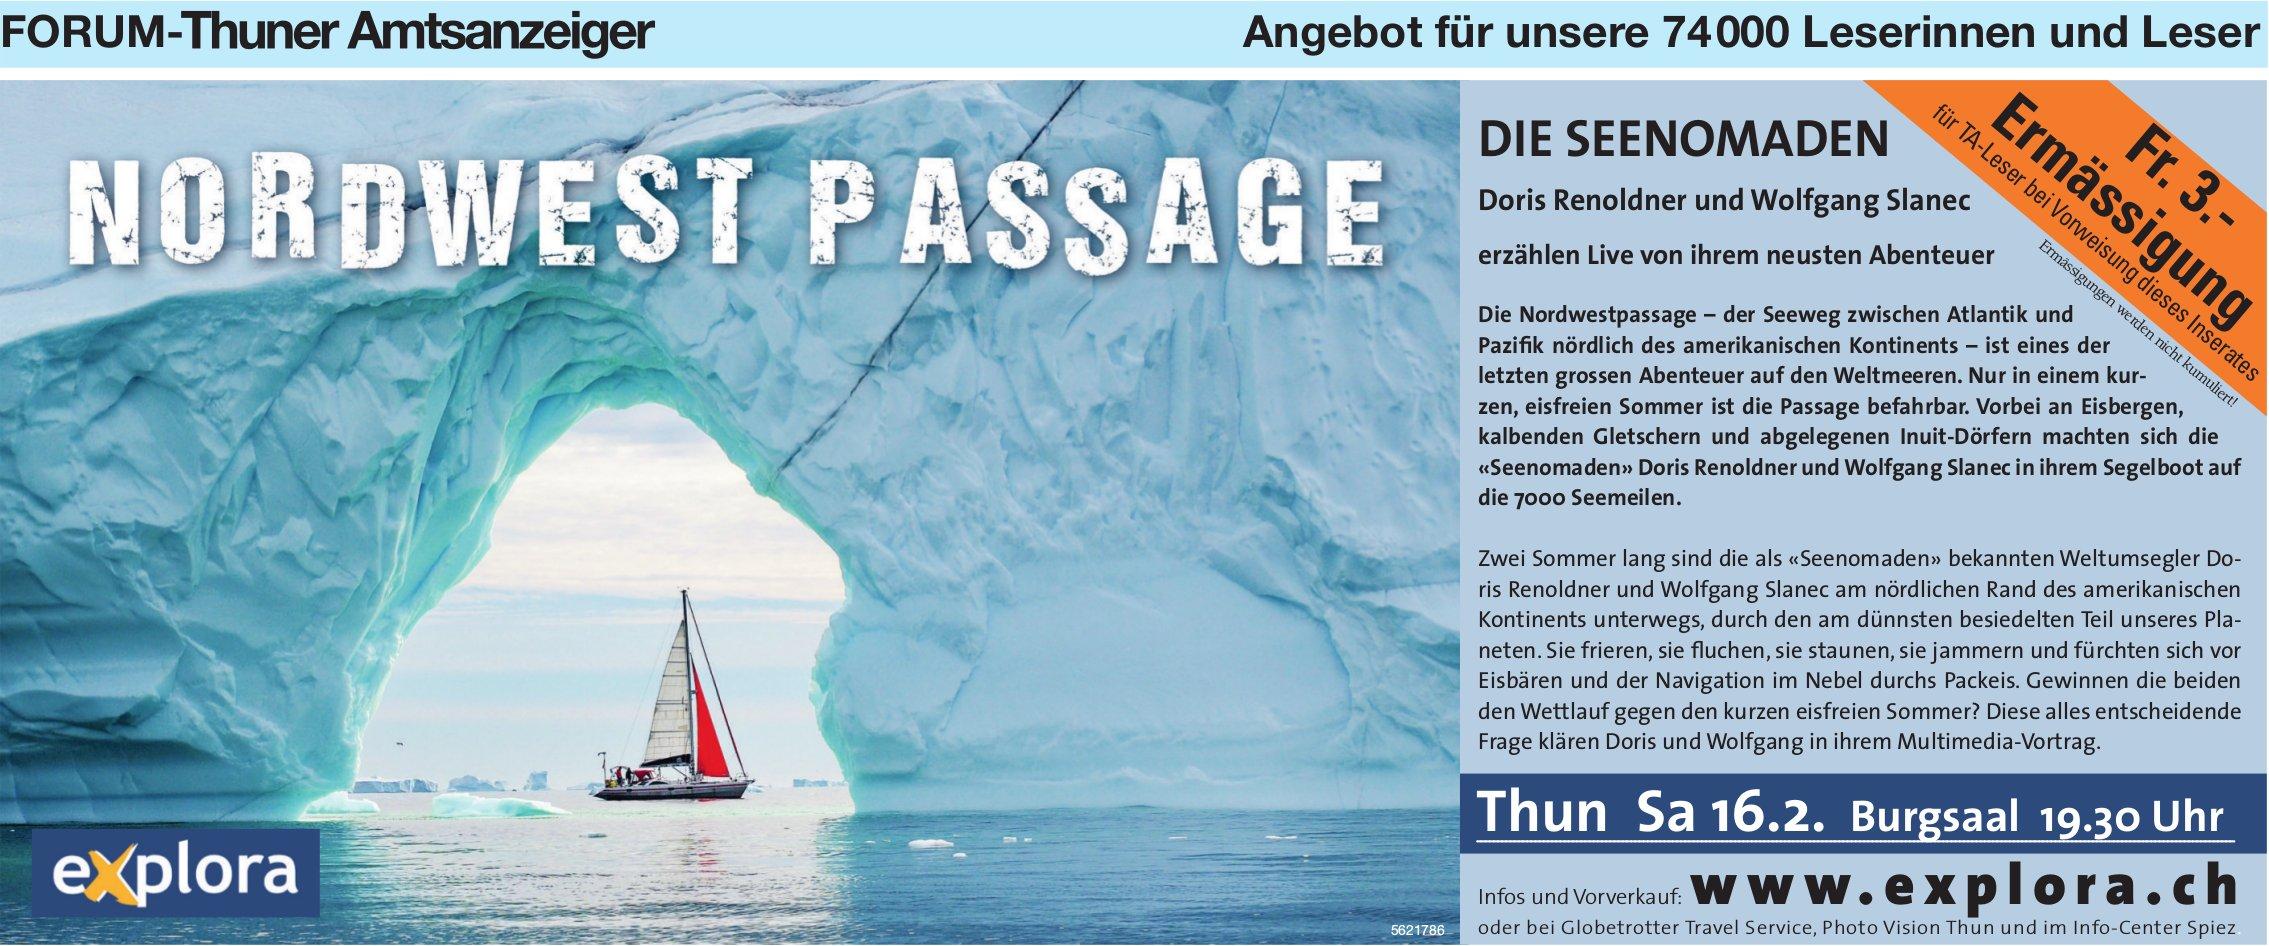 Forum-Thuner Amtsanzeiger - Nordwest Passage, die Seenomaden: Live-Vortrag am 16. Februar